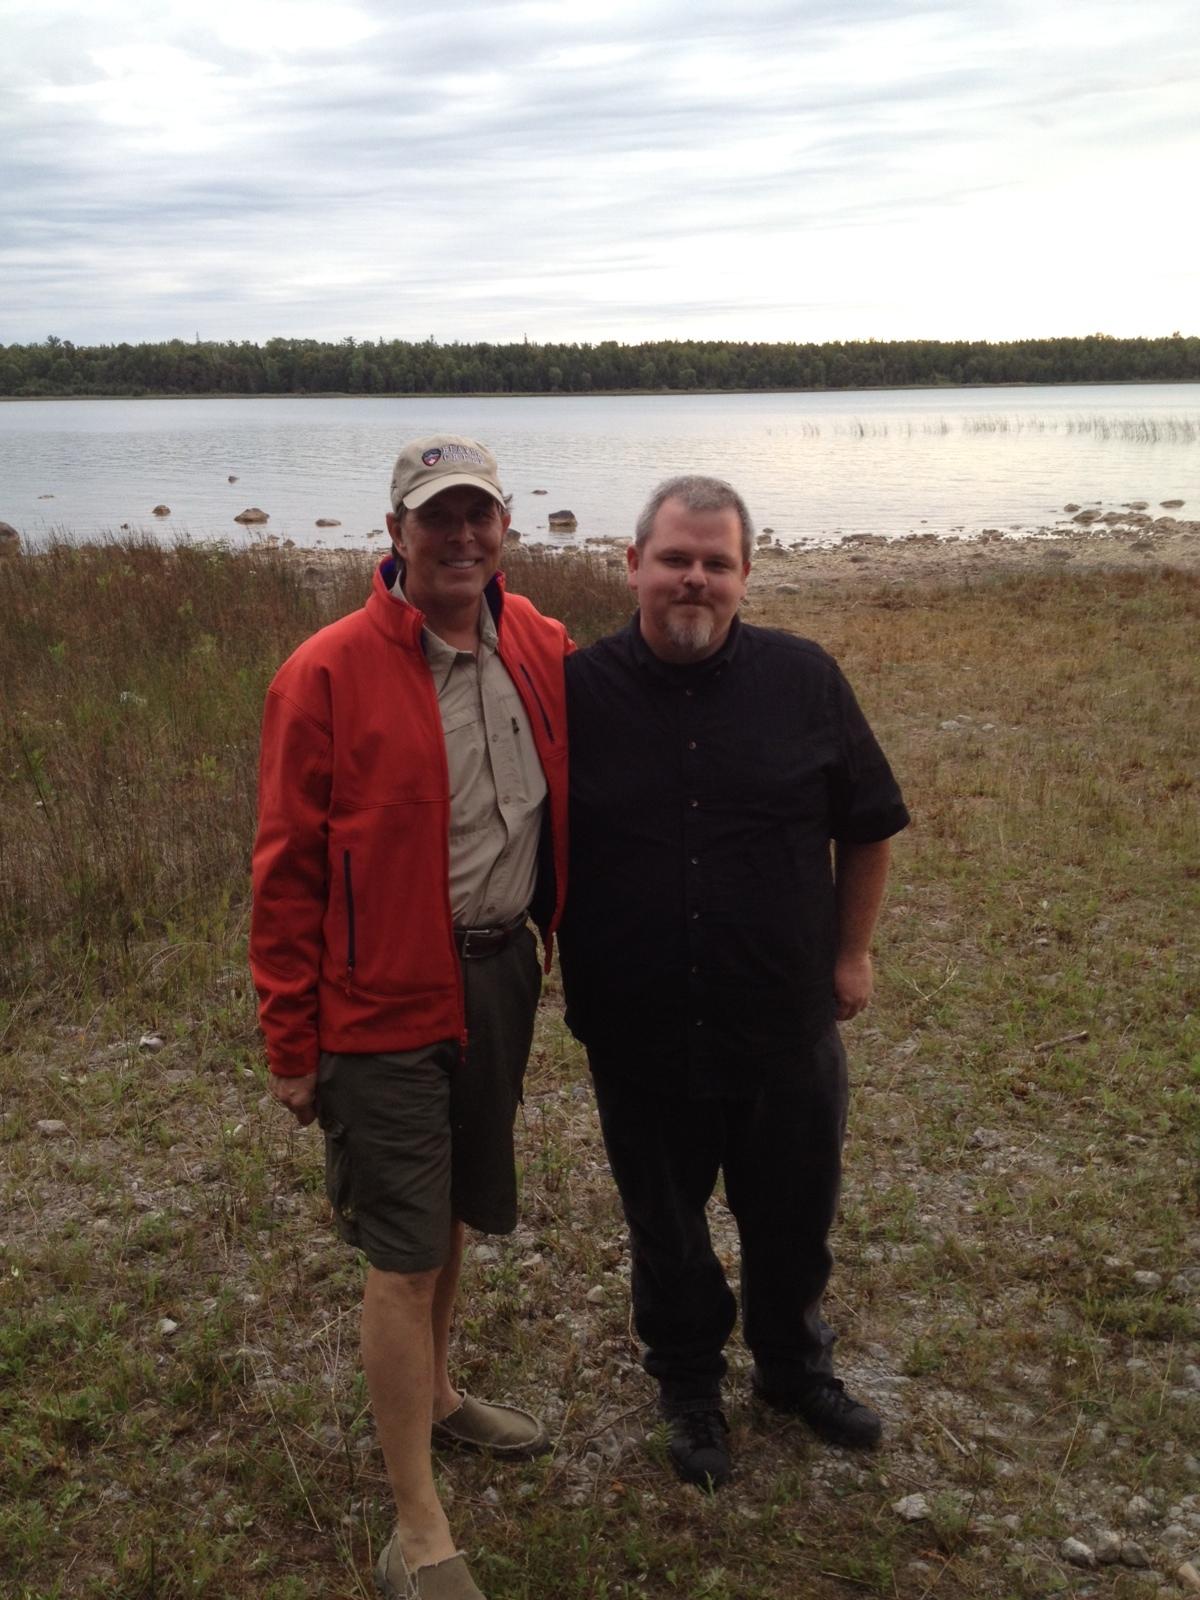 Ted Kergan with his nephew, Wade Kergan